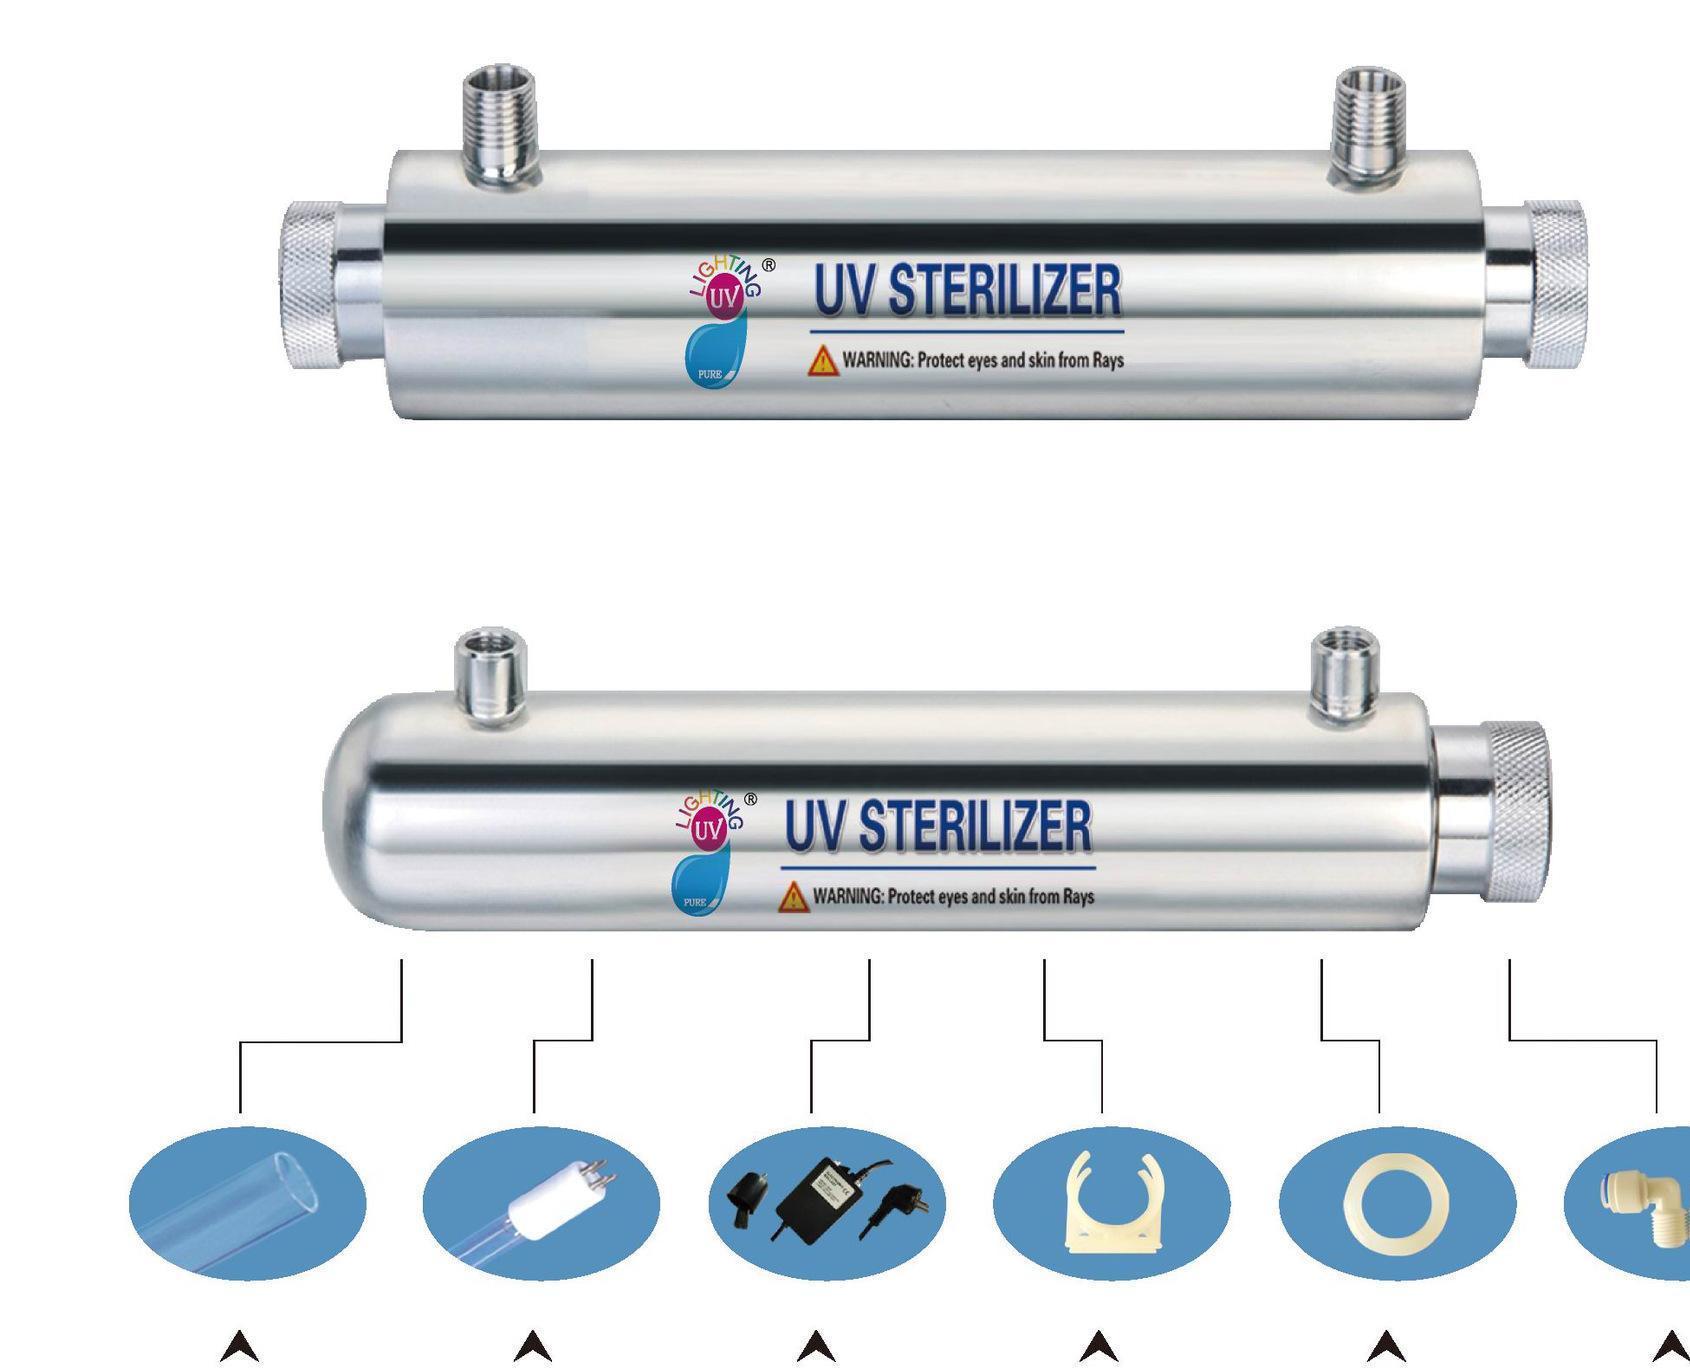 厂家供应紫外线杀菌器,16W,高效、环保,商用饮水机、RO机专用